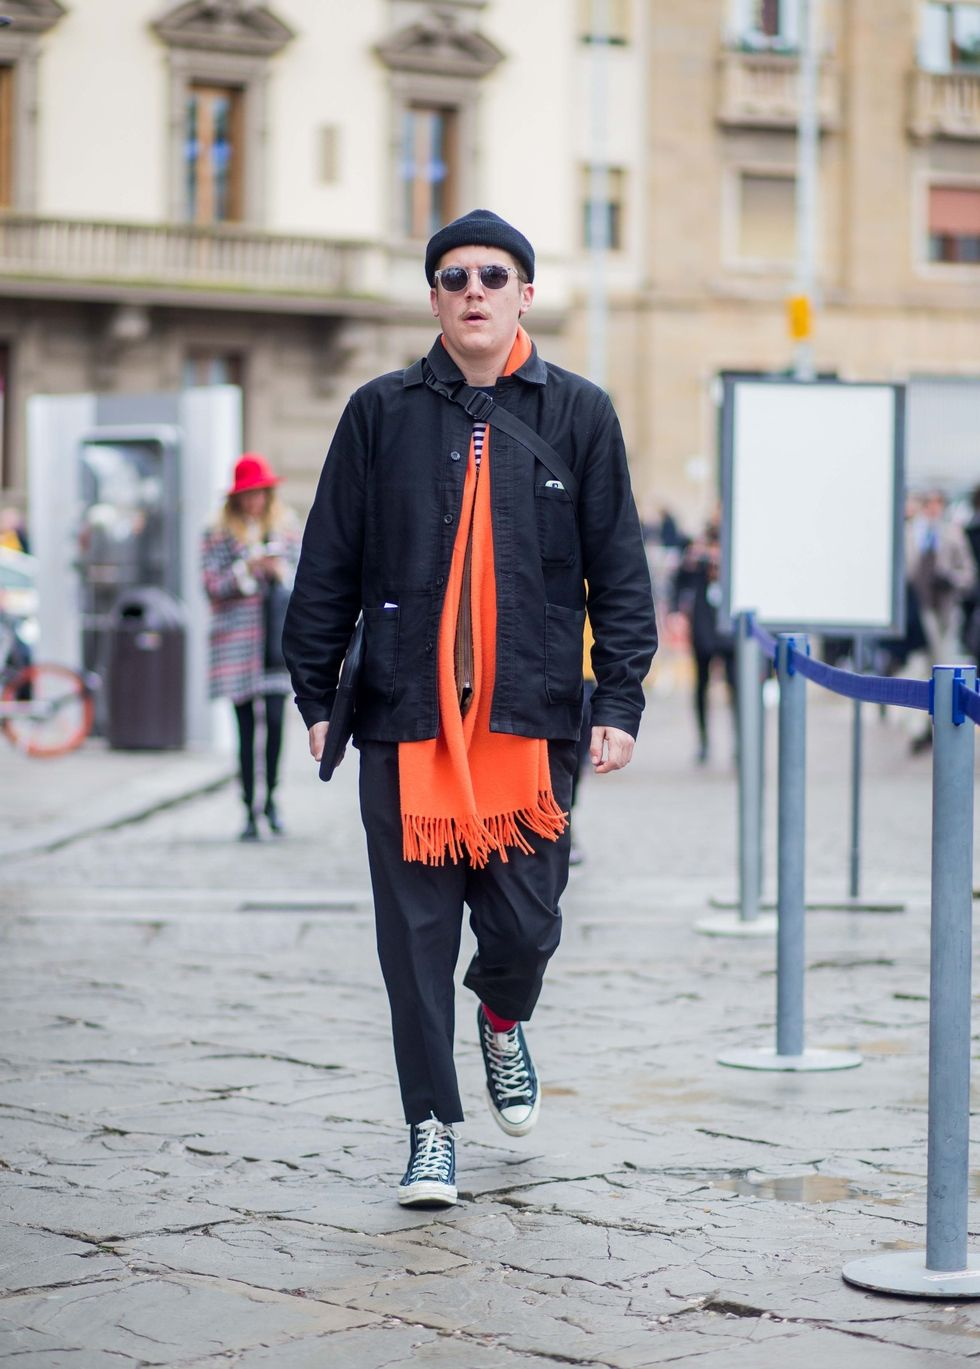 Pitti Uomo 93, nơi định nghĩa phong cách cho chàng trai lịch lãm (15)